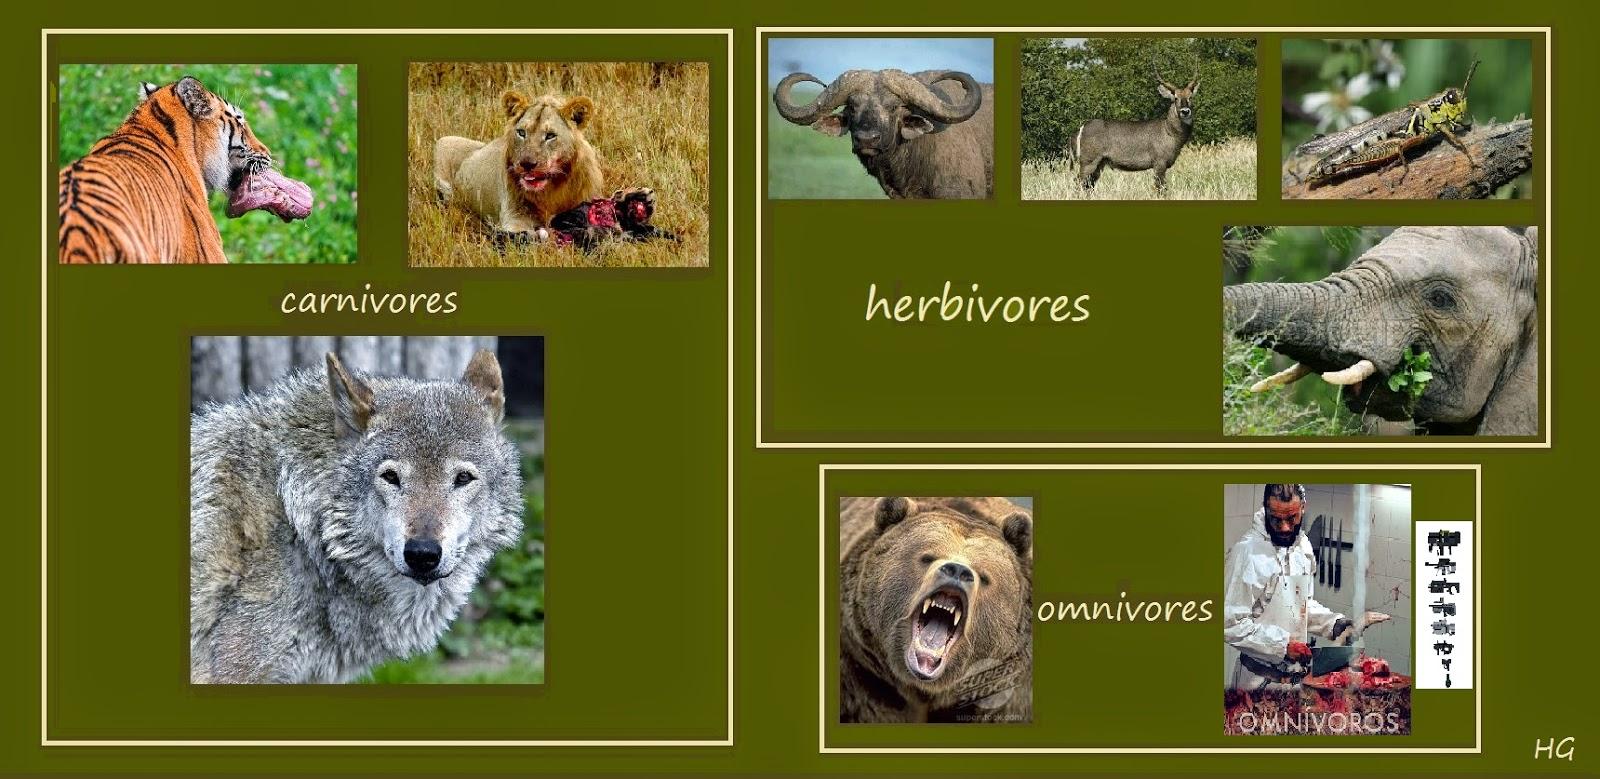 The Patient Ox Carnivores Gt Herbivores